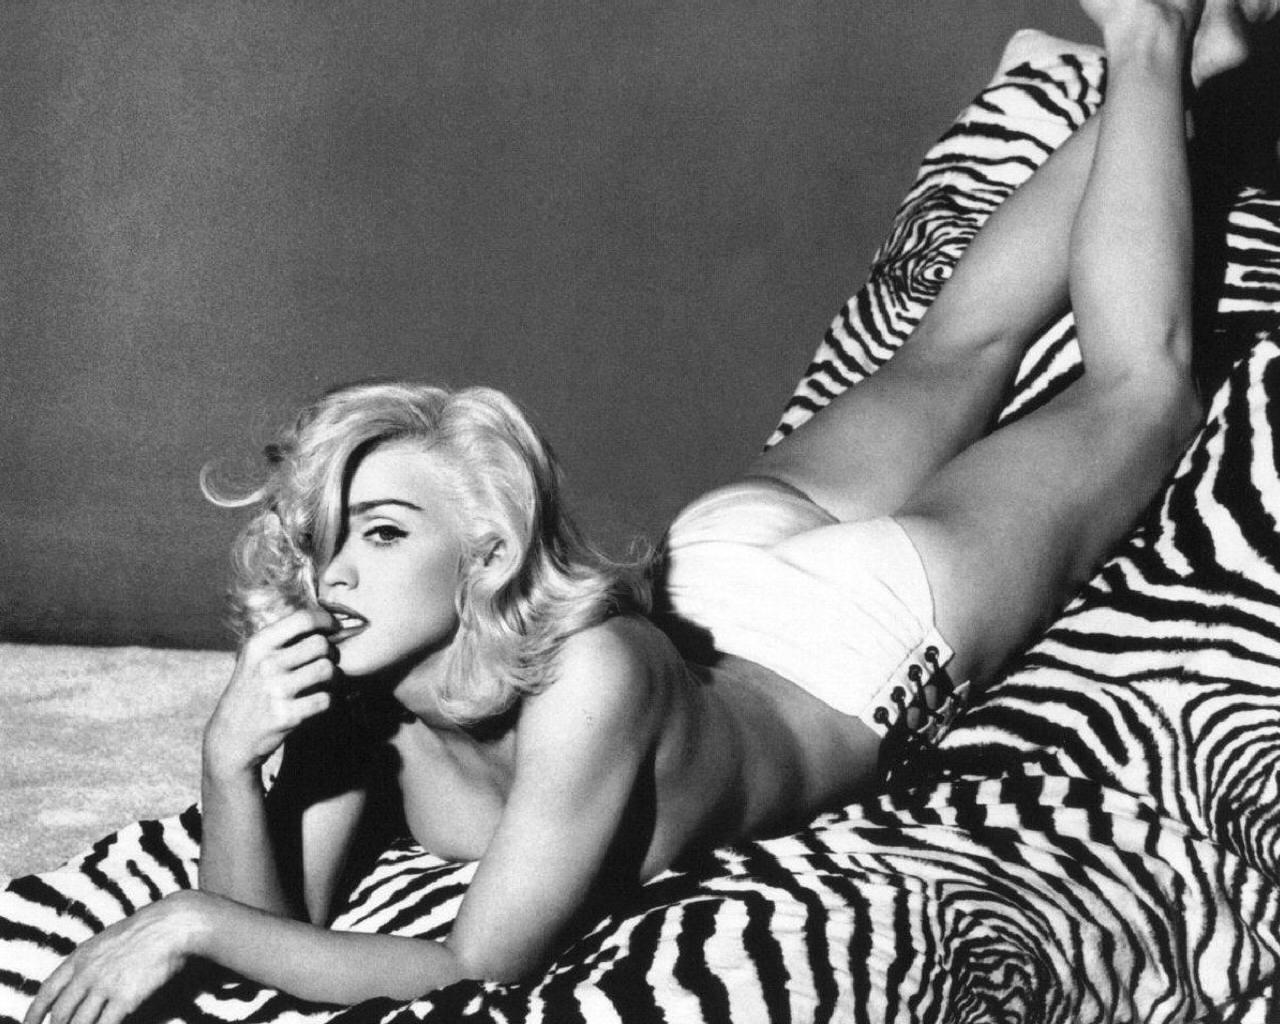 madonna sexy butt